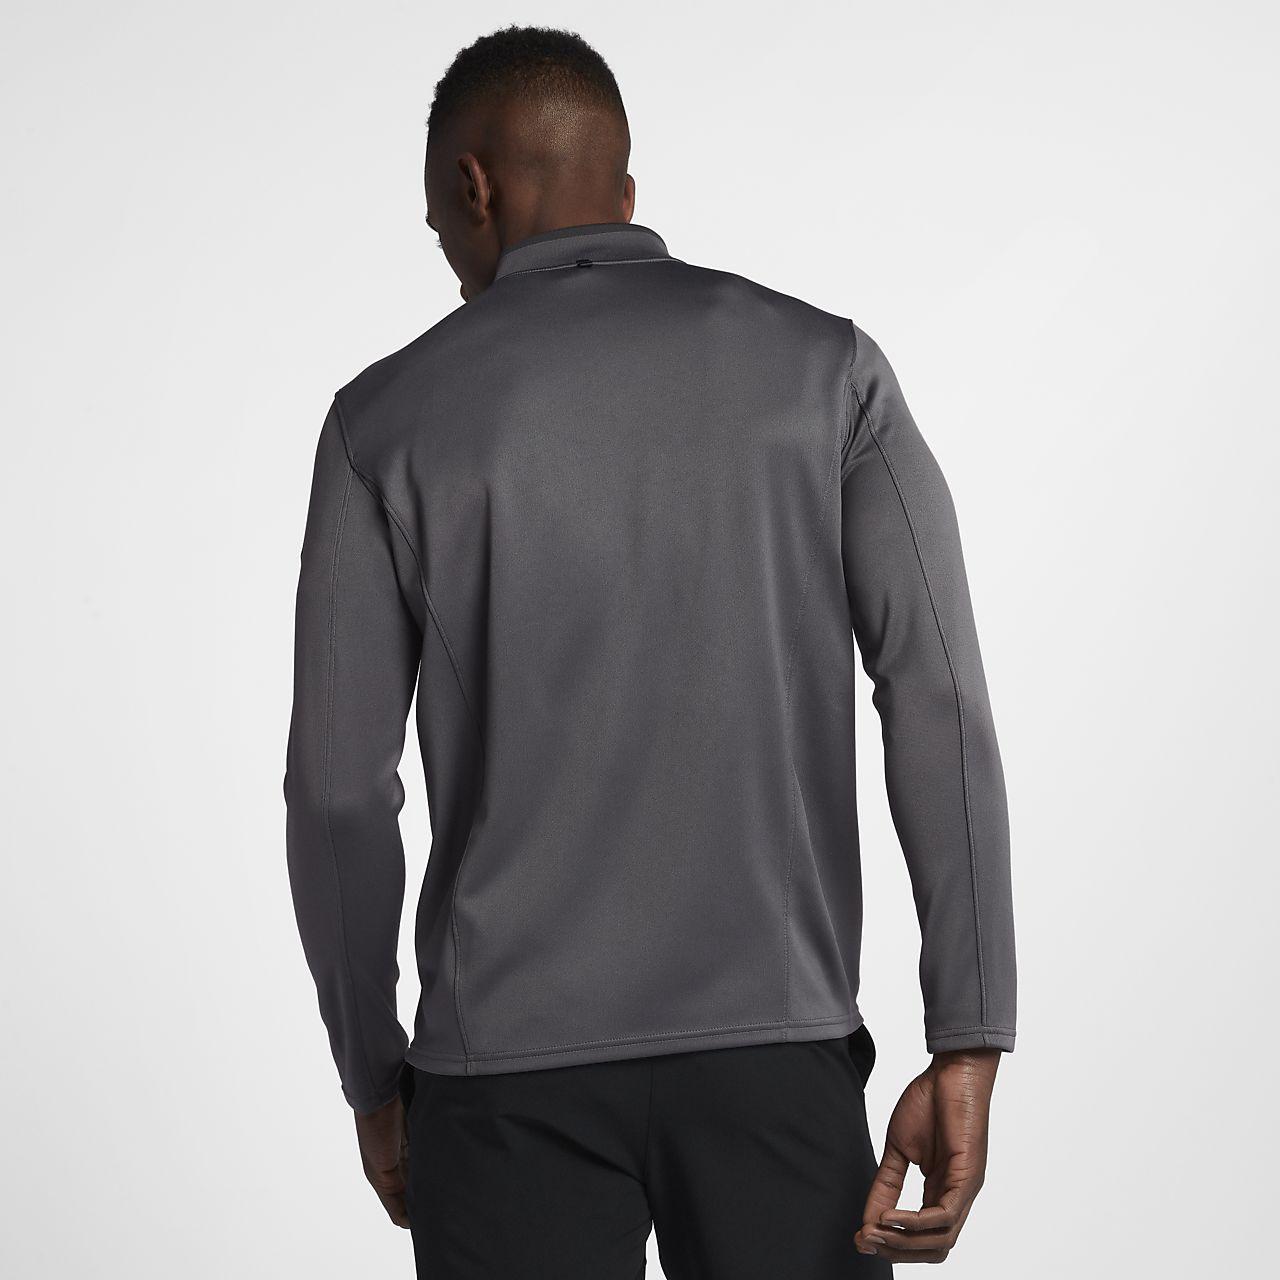 d178c33b74b1 Nike Dri-FIT Half-Zip Men s Long-Sleeve Golf Top. Nike.com CA